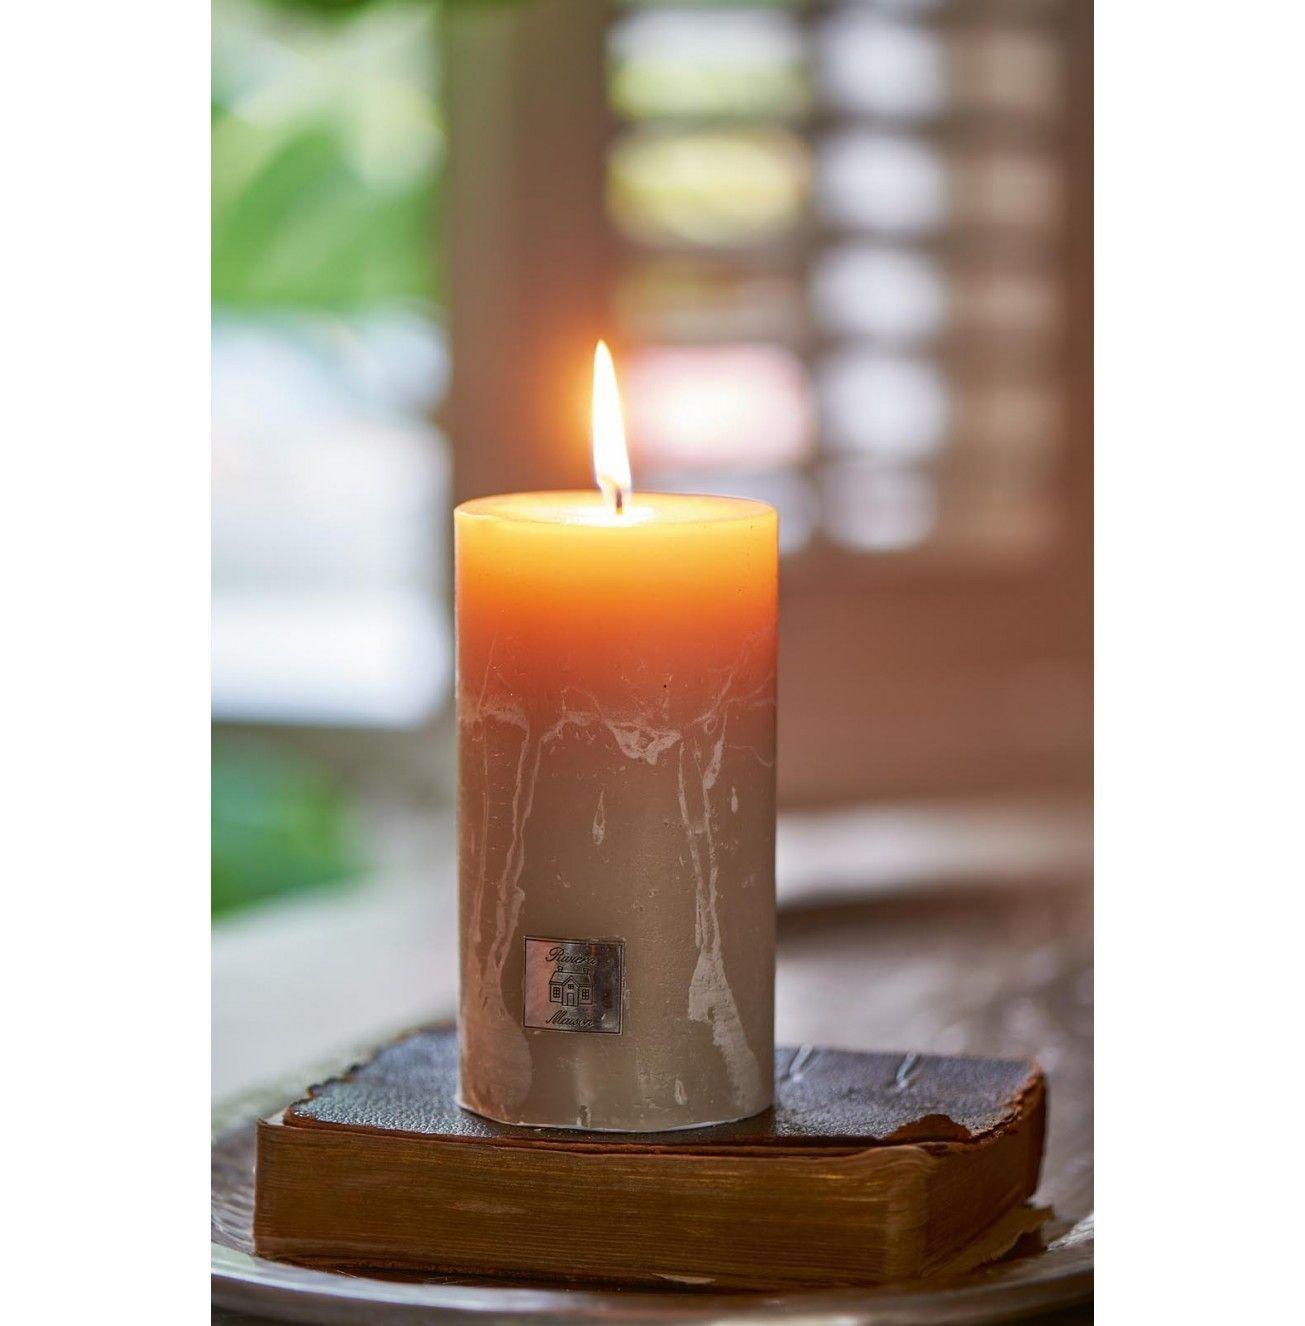 Svíčka Rustic Candle desert sand 7x13 cm